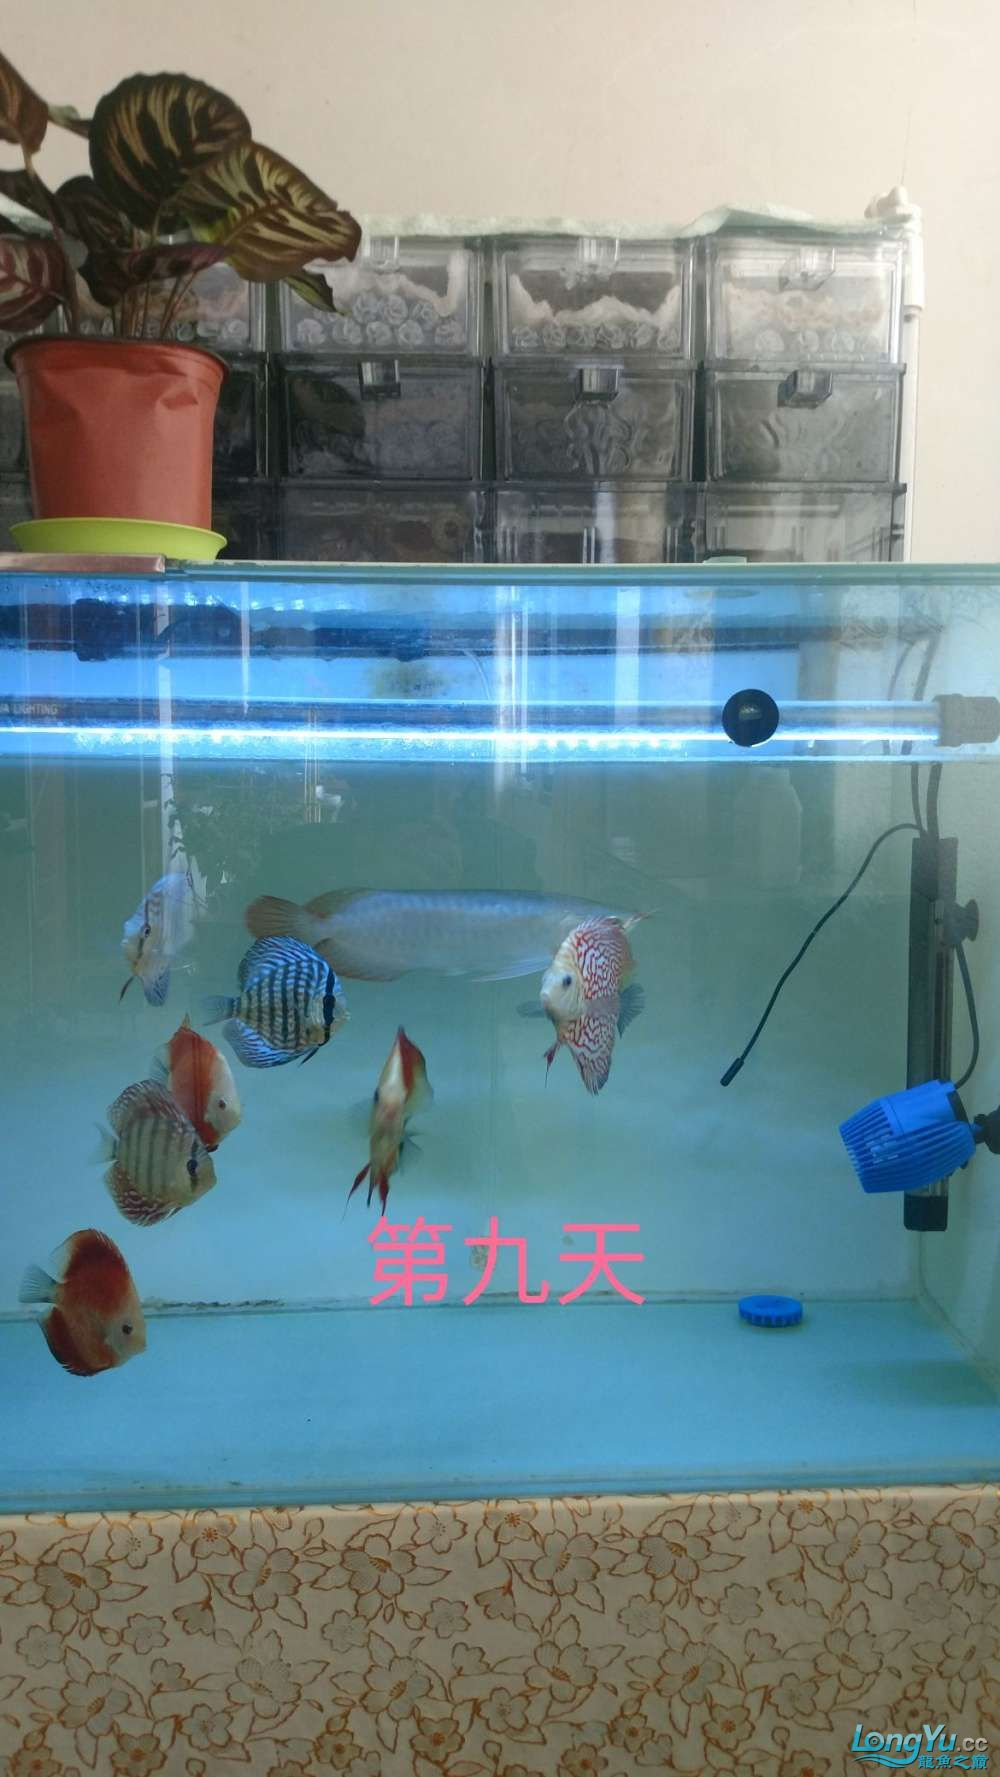 十川滤材试用报告 西安龙鱼论坛 西安博特第33张